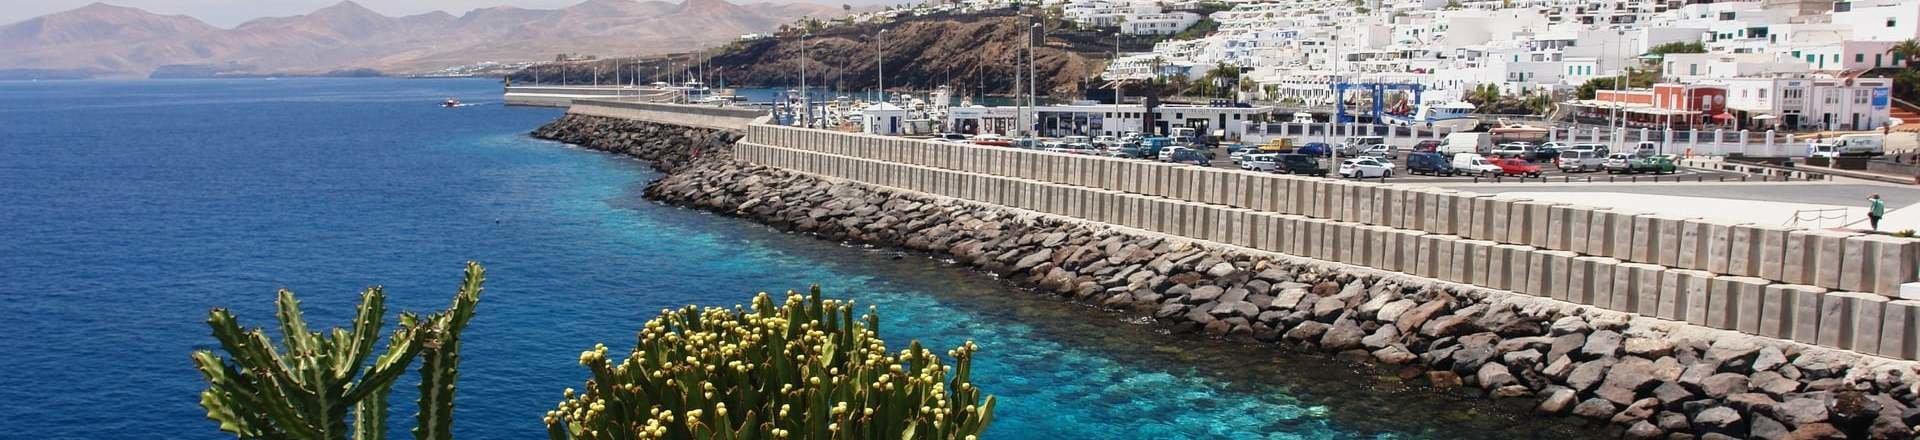 Hoteles todo incluido en puerto del carmen destinia - Hoteles en puerto del carmen ...